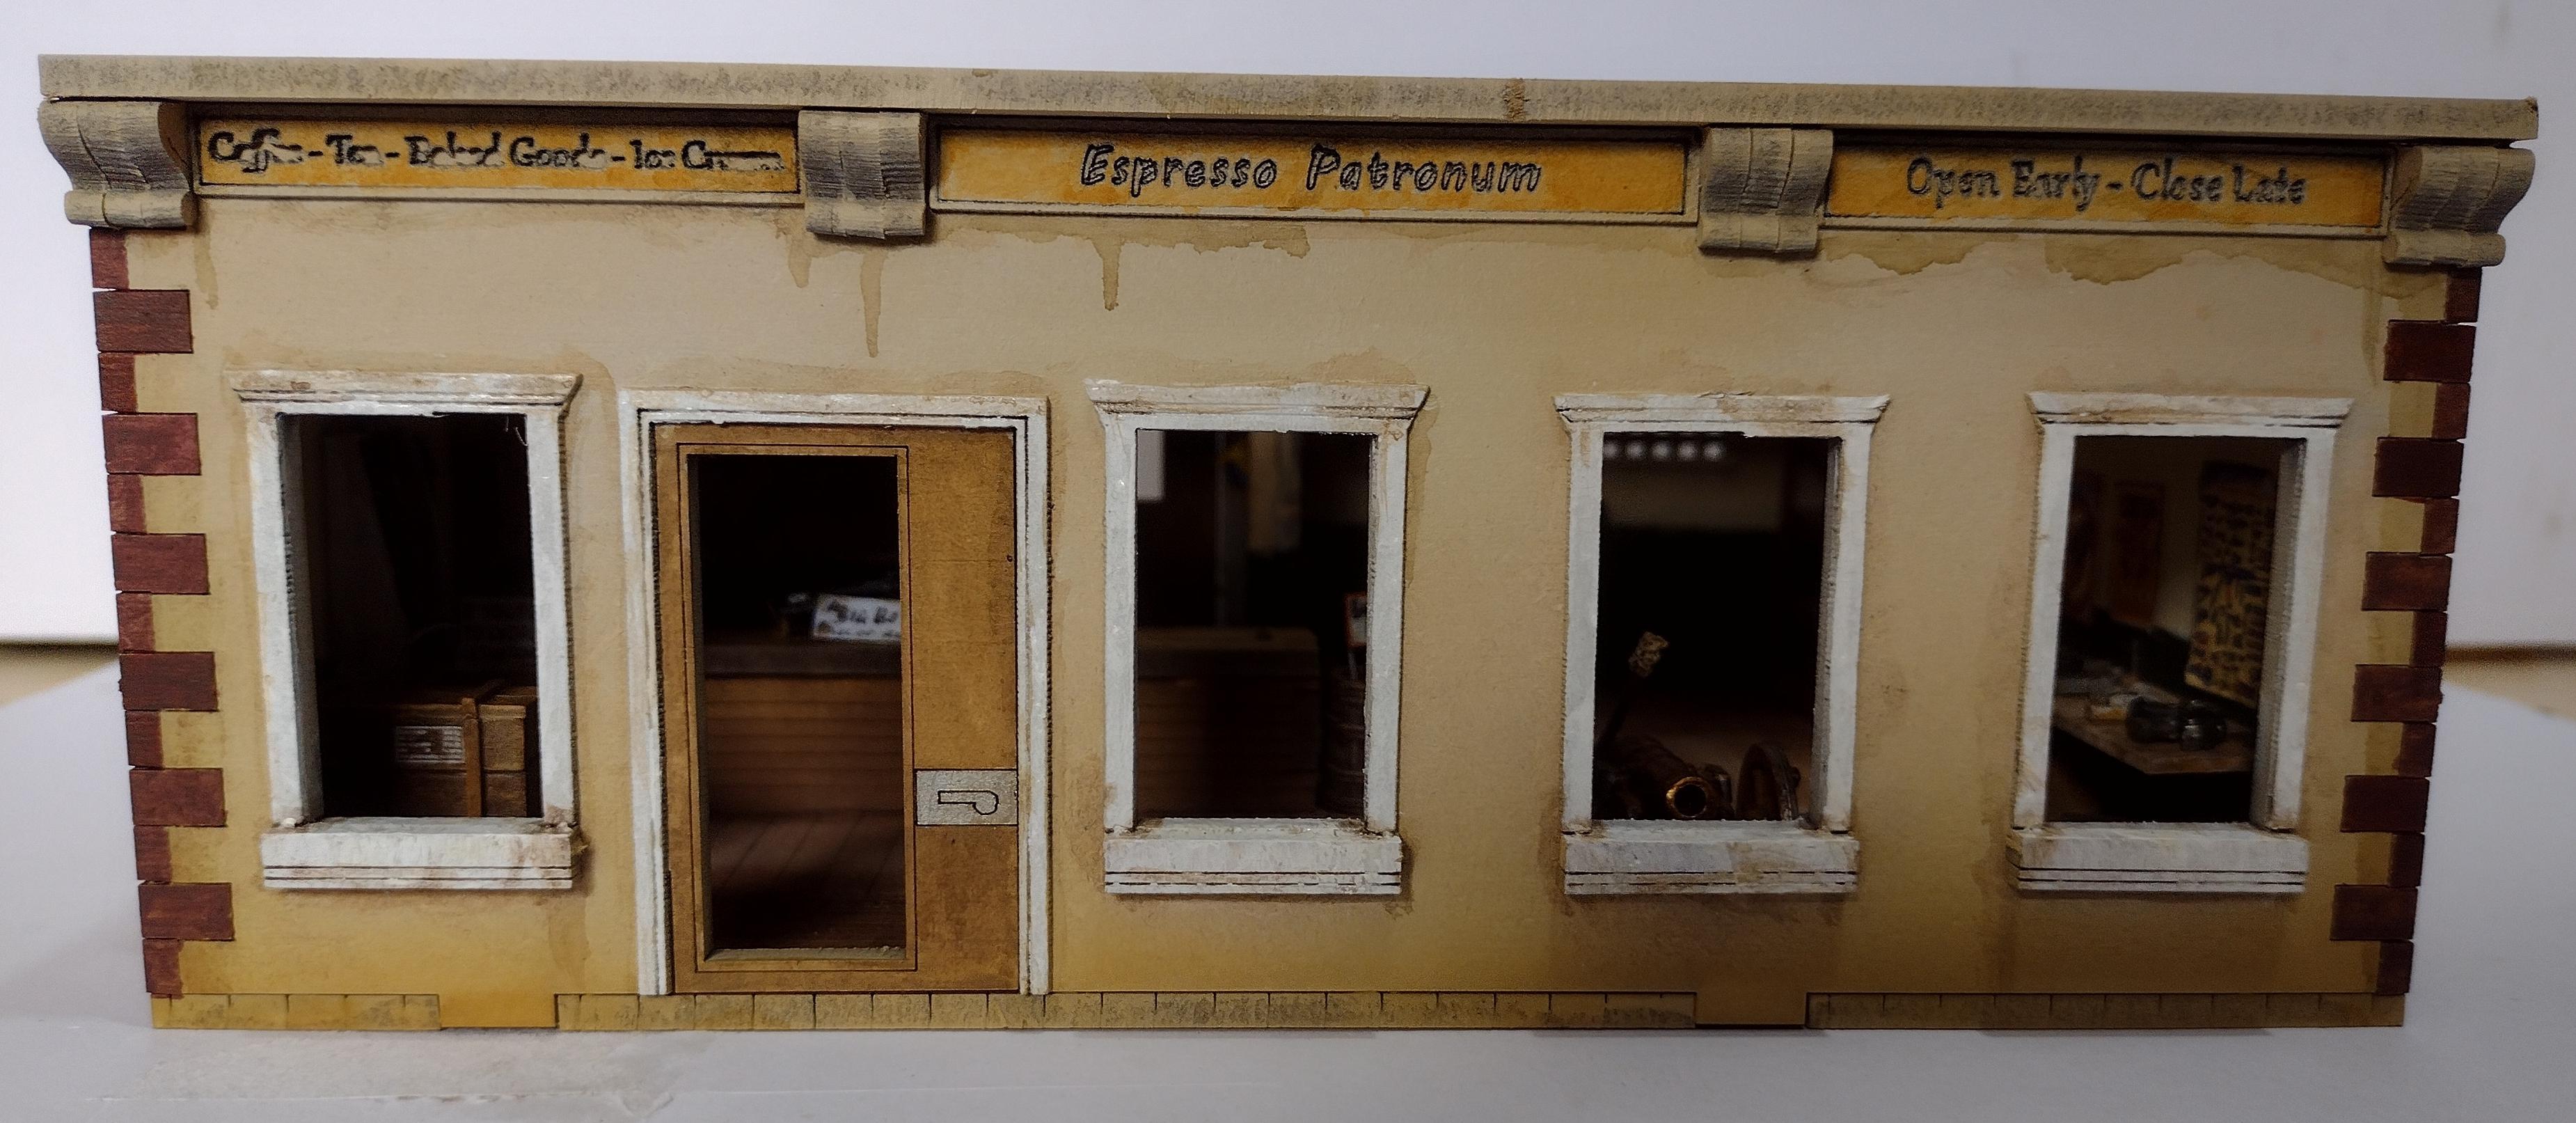 Coffee, Gun Shop, Post-apoc